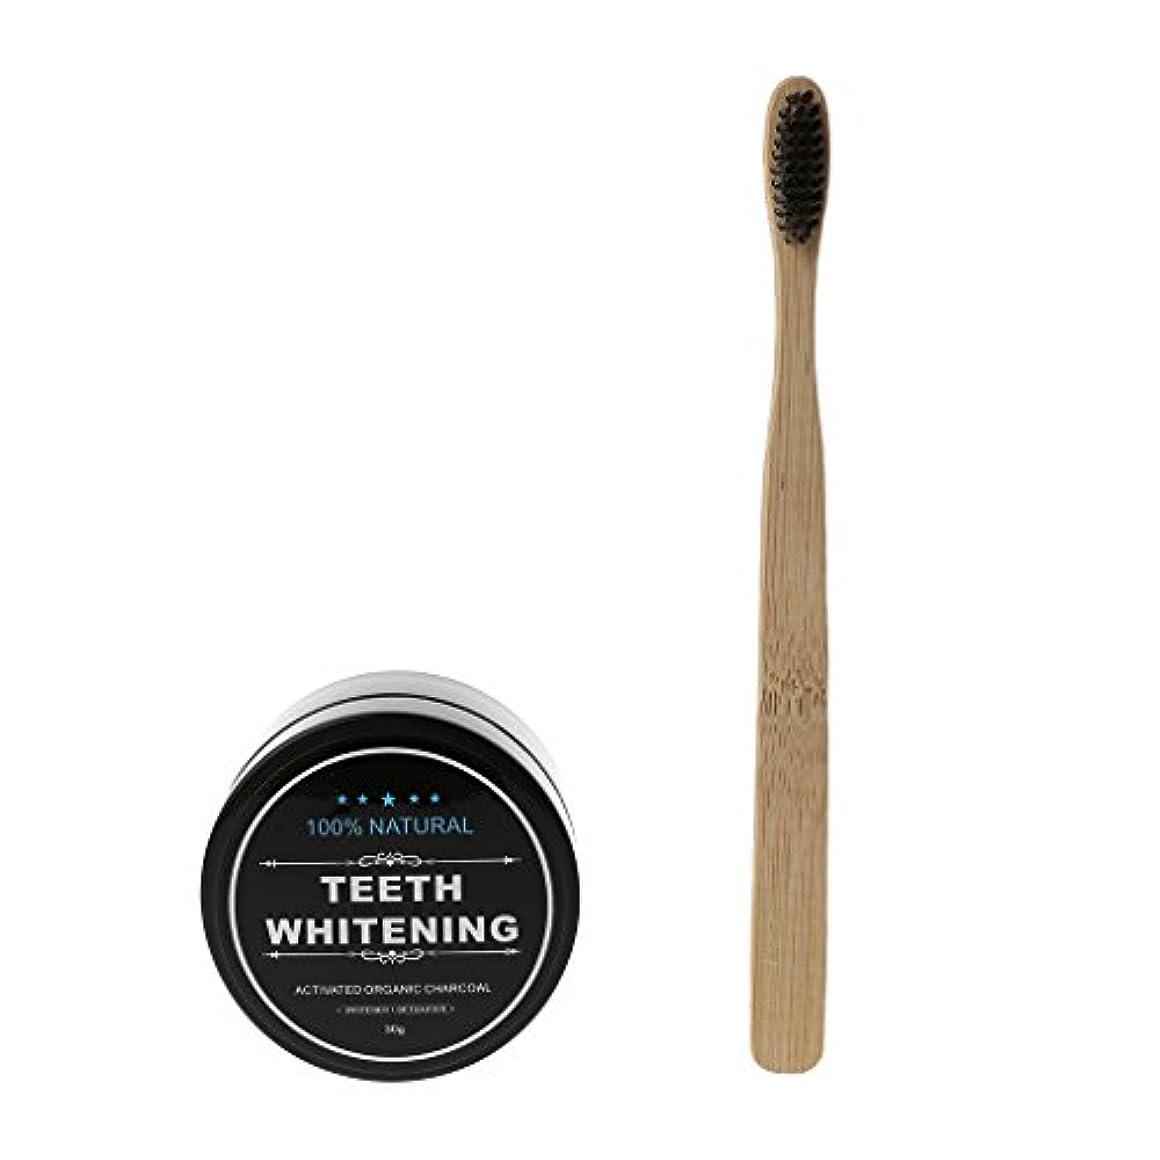 懲らしめ指贈り物JAGETRADEバンブーホワイトニング歯のパウダーオーガニックは、木炭の練り歯磨き&歯ブラシシルバーを活性化する